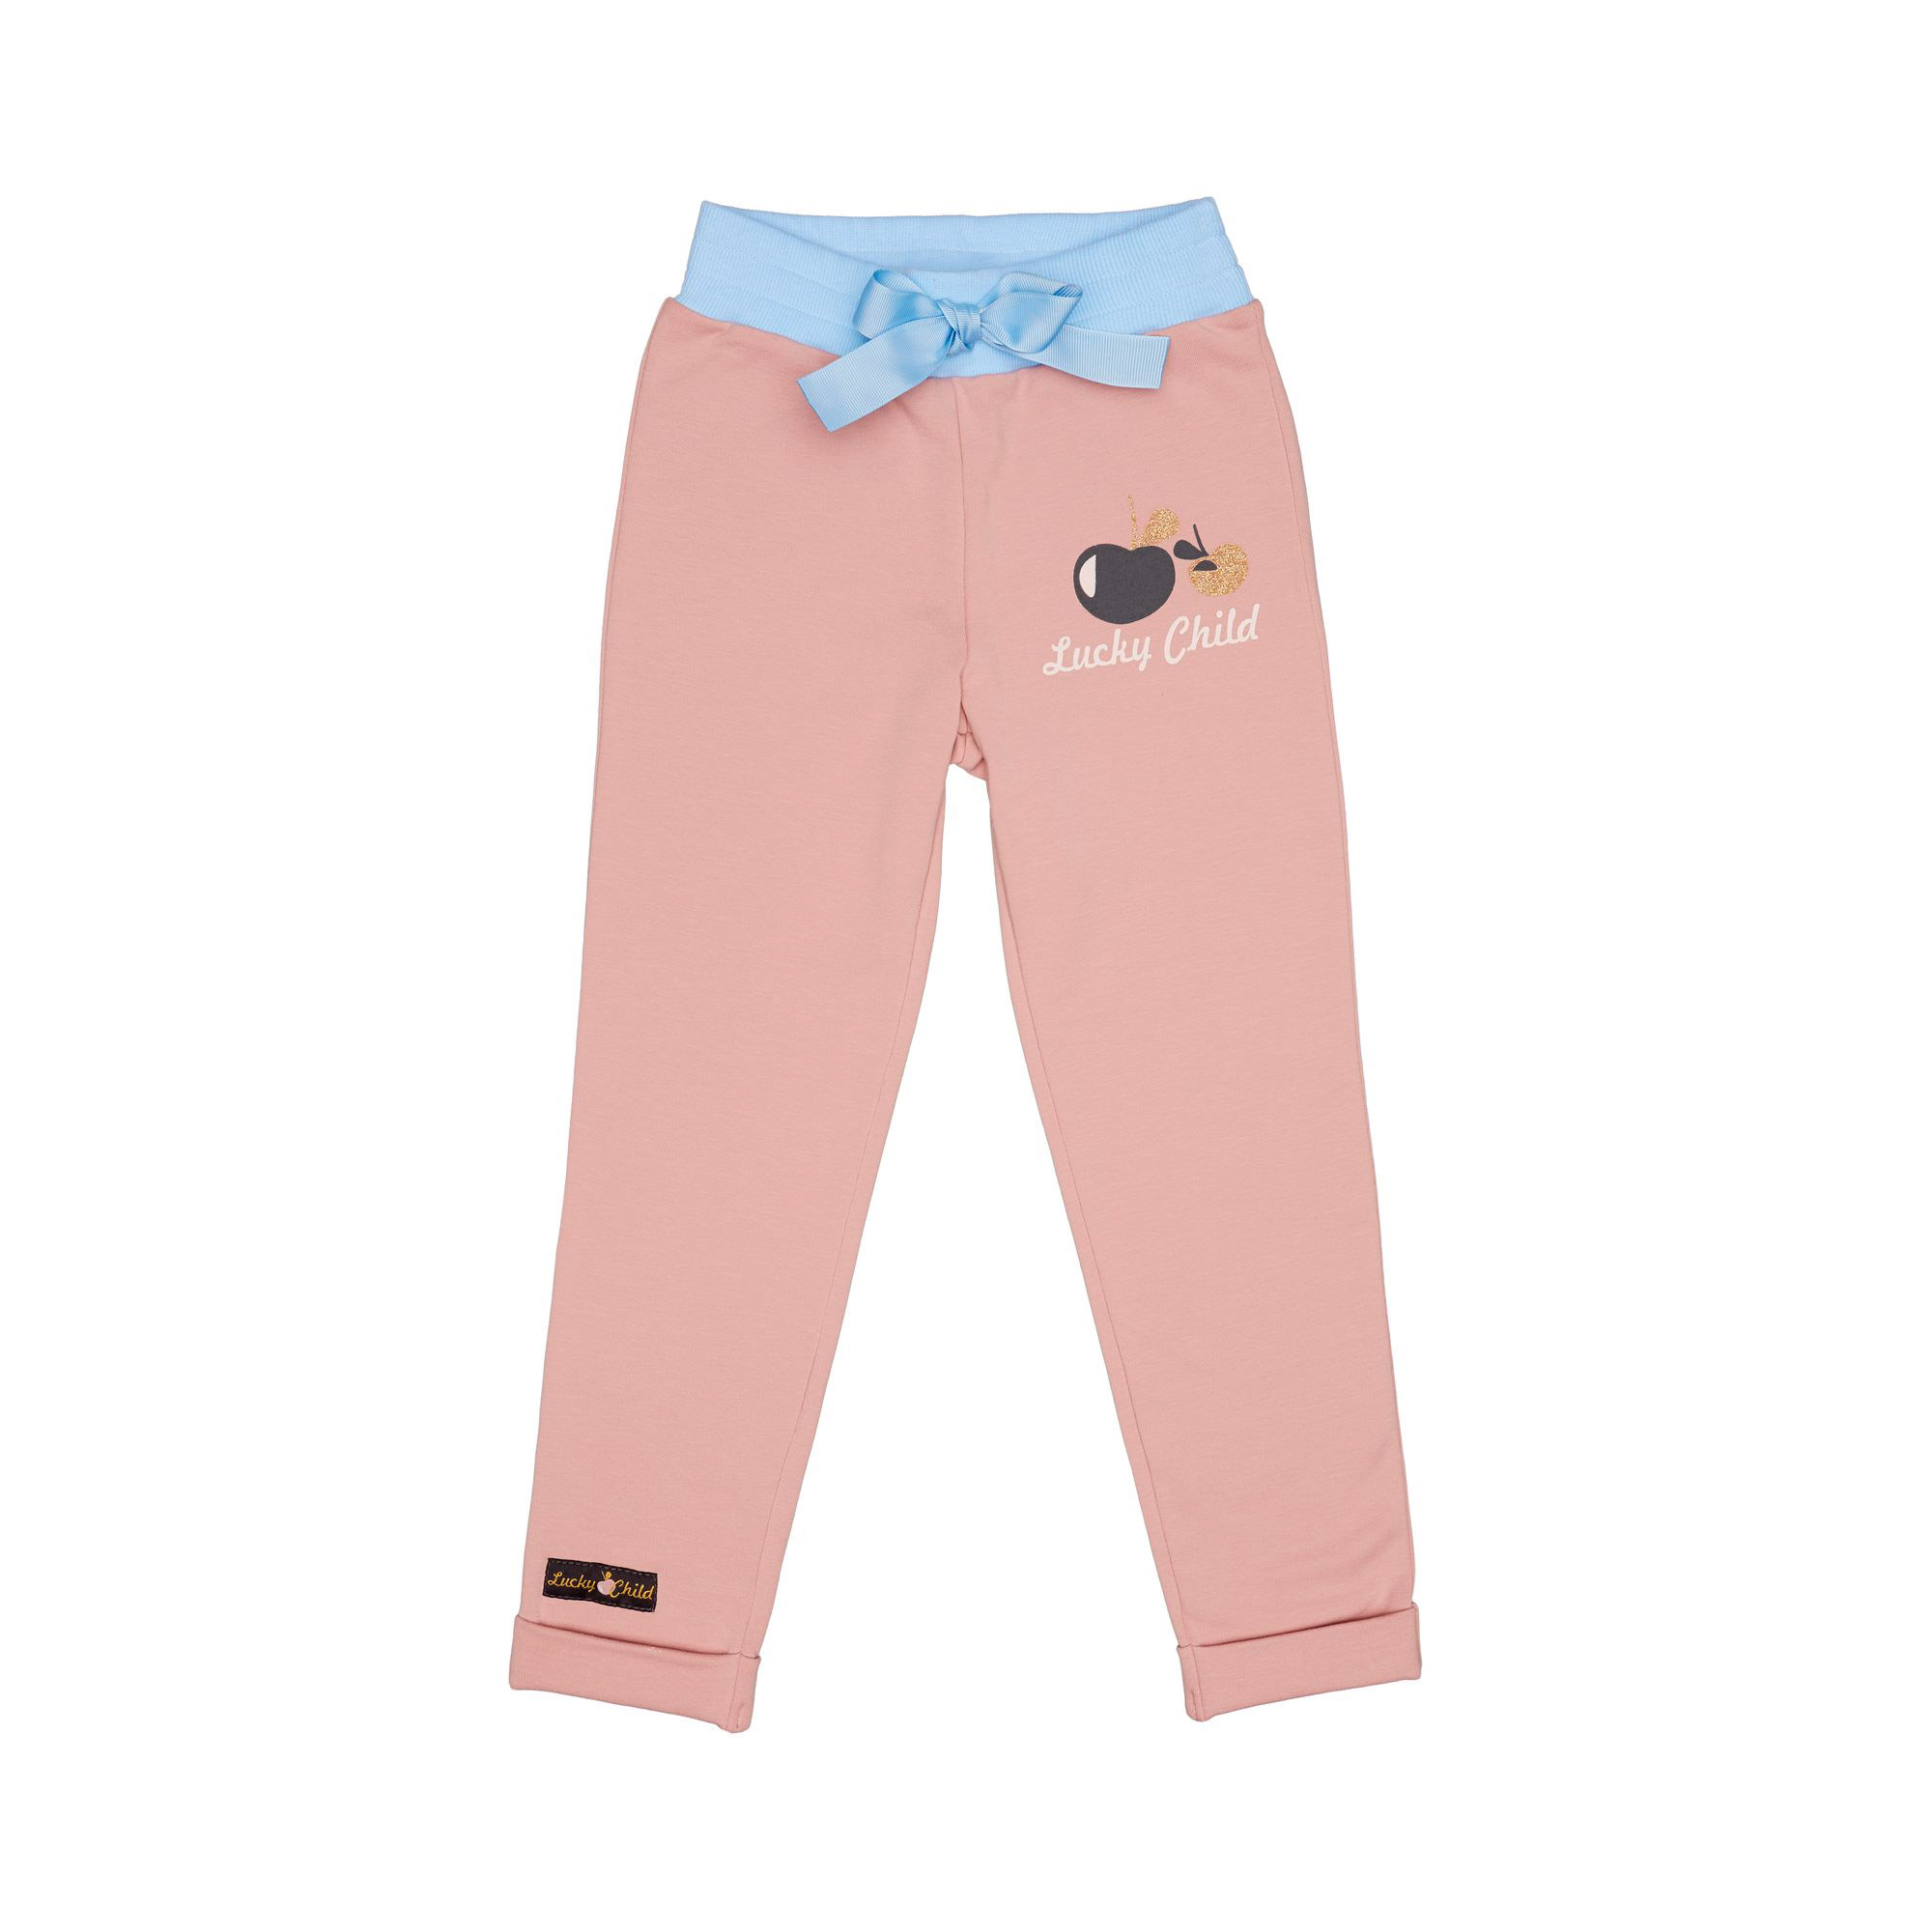 Купить Брюки Lucky Child Осенний лес розовые футер 116-122, Розовый, Футер, Для девочек, Осень-Зима,